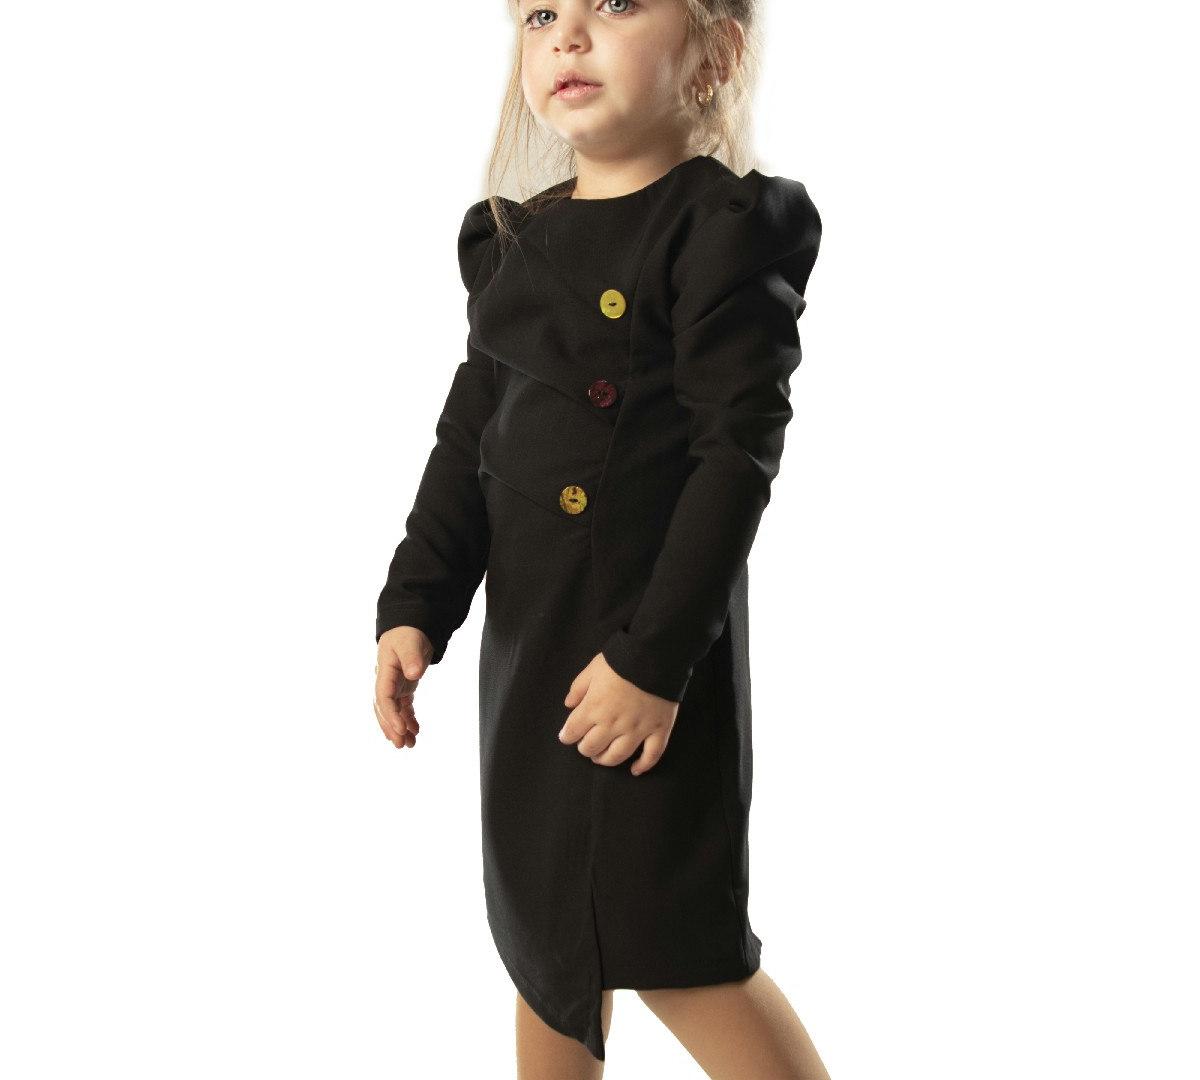 שמלה שלי malaya | מאליה אופנת ילדים